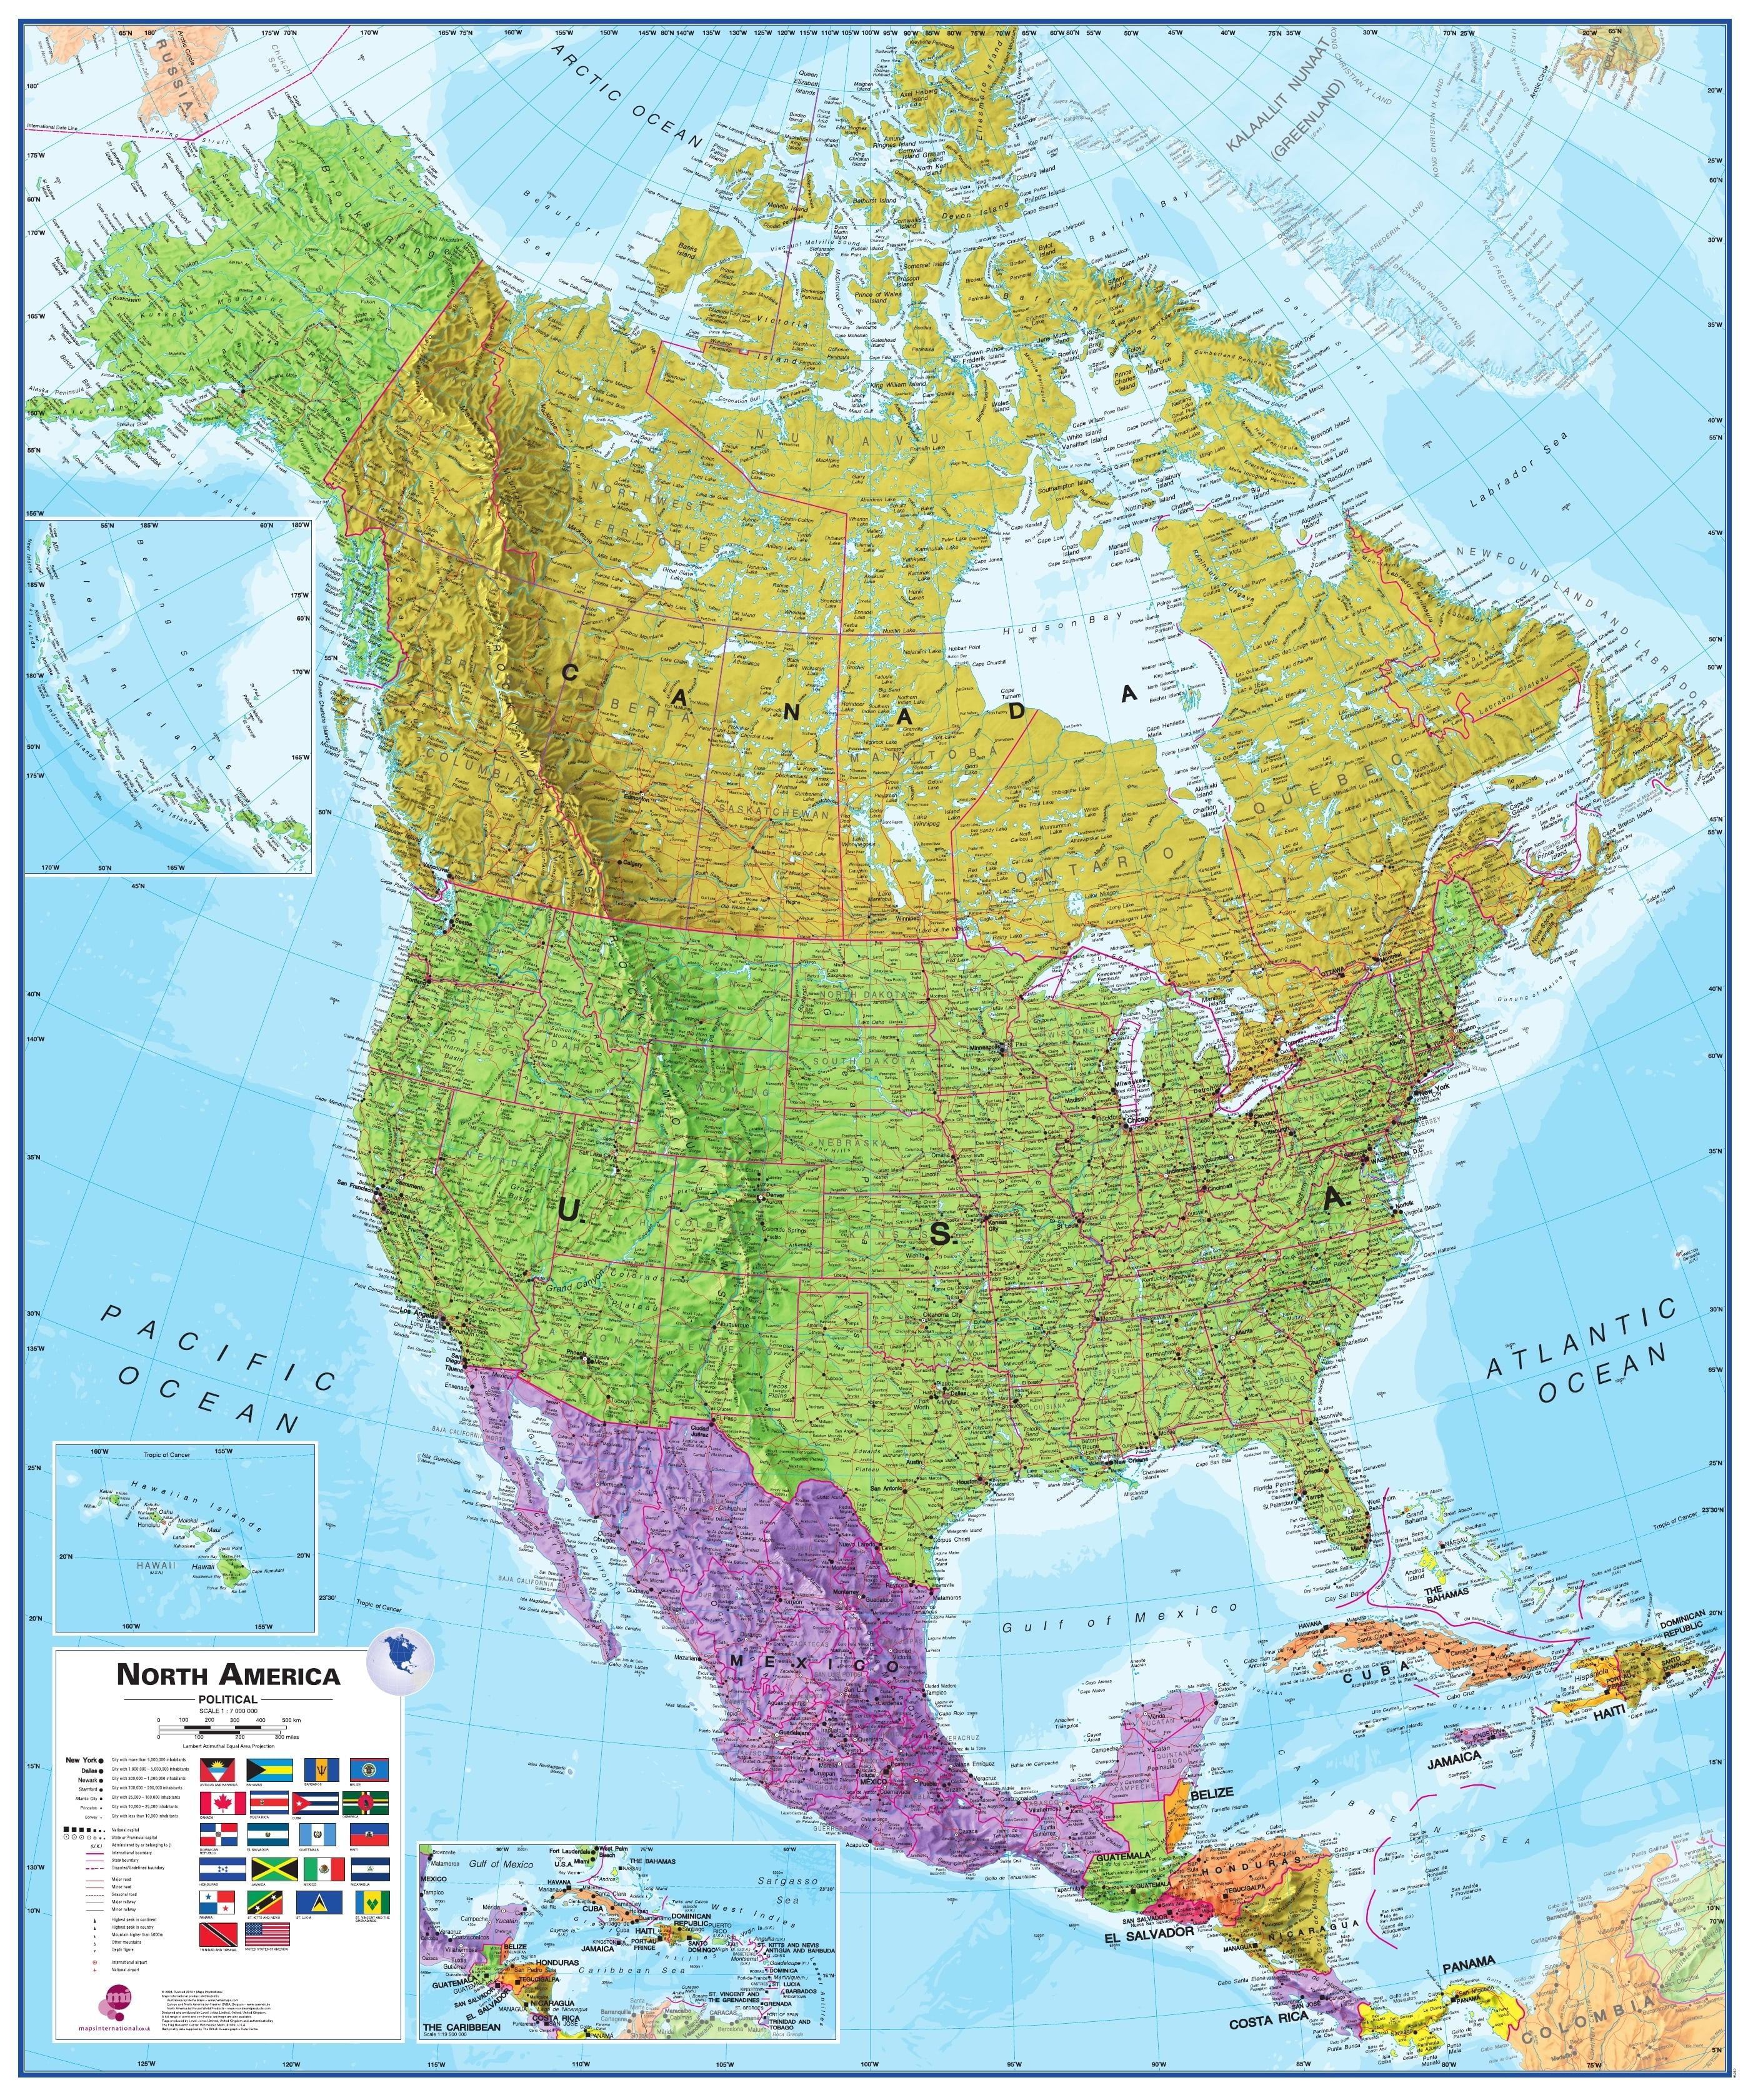 Politisk Kort Over Nordamerika Nordamerika Nordamerika Vaegkort